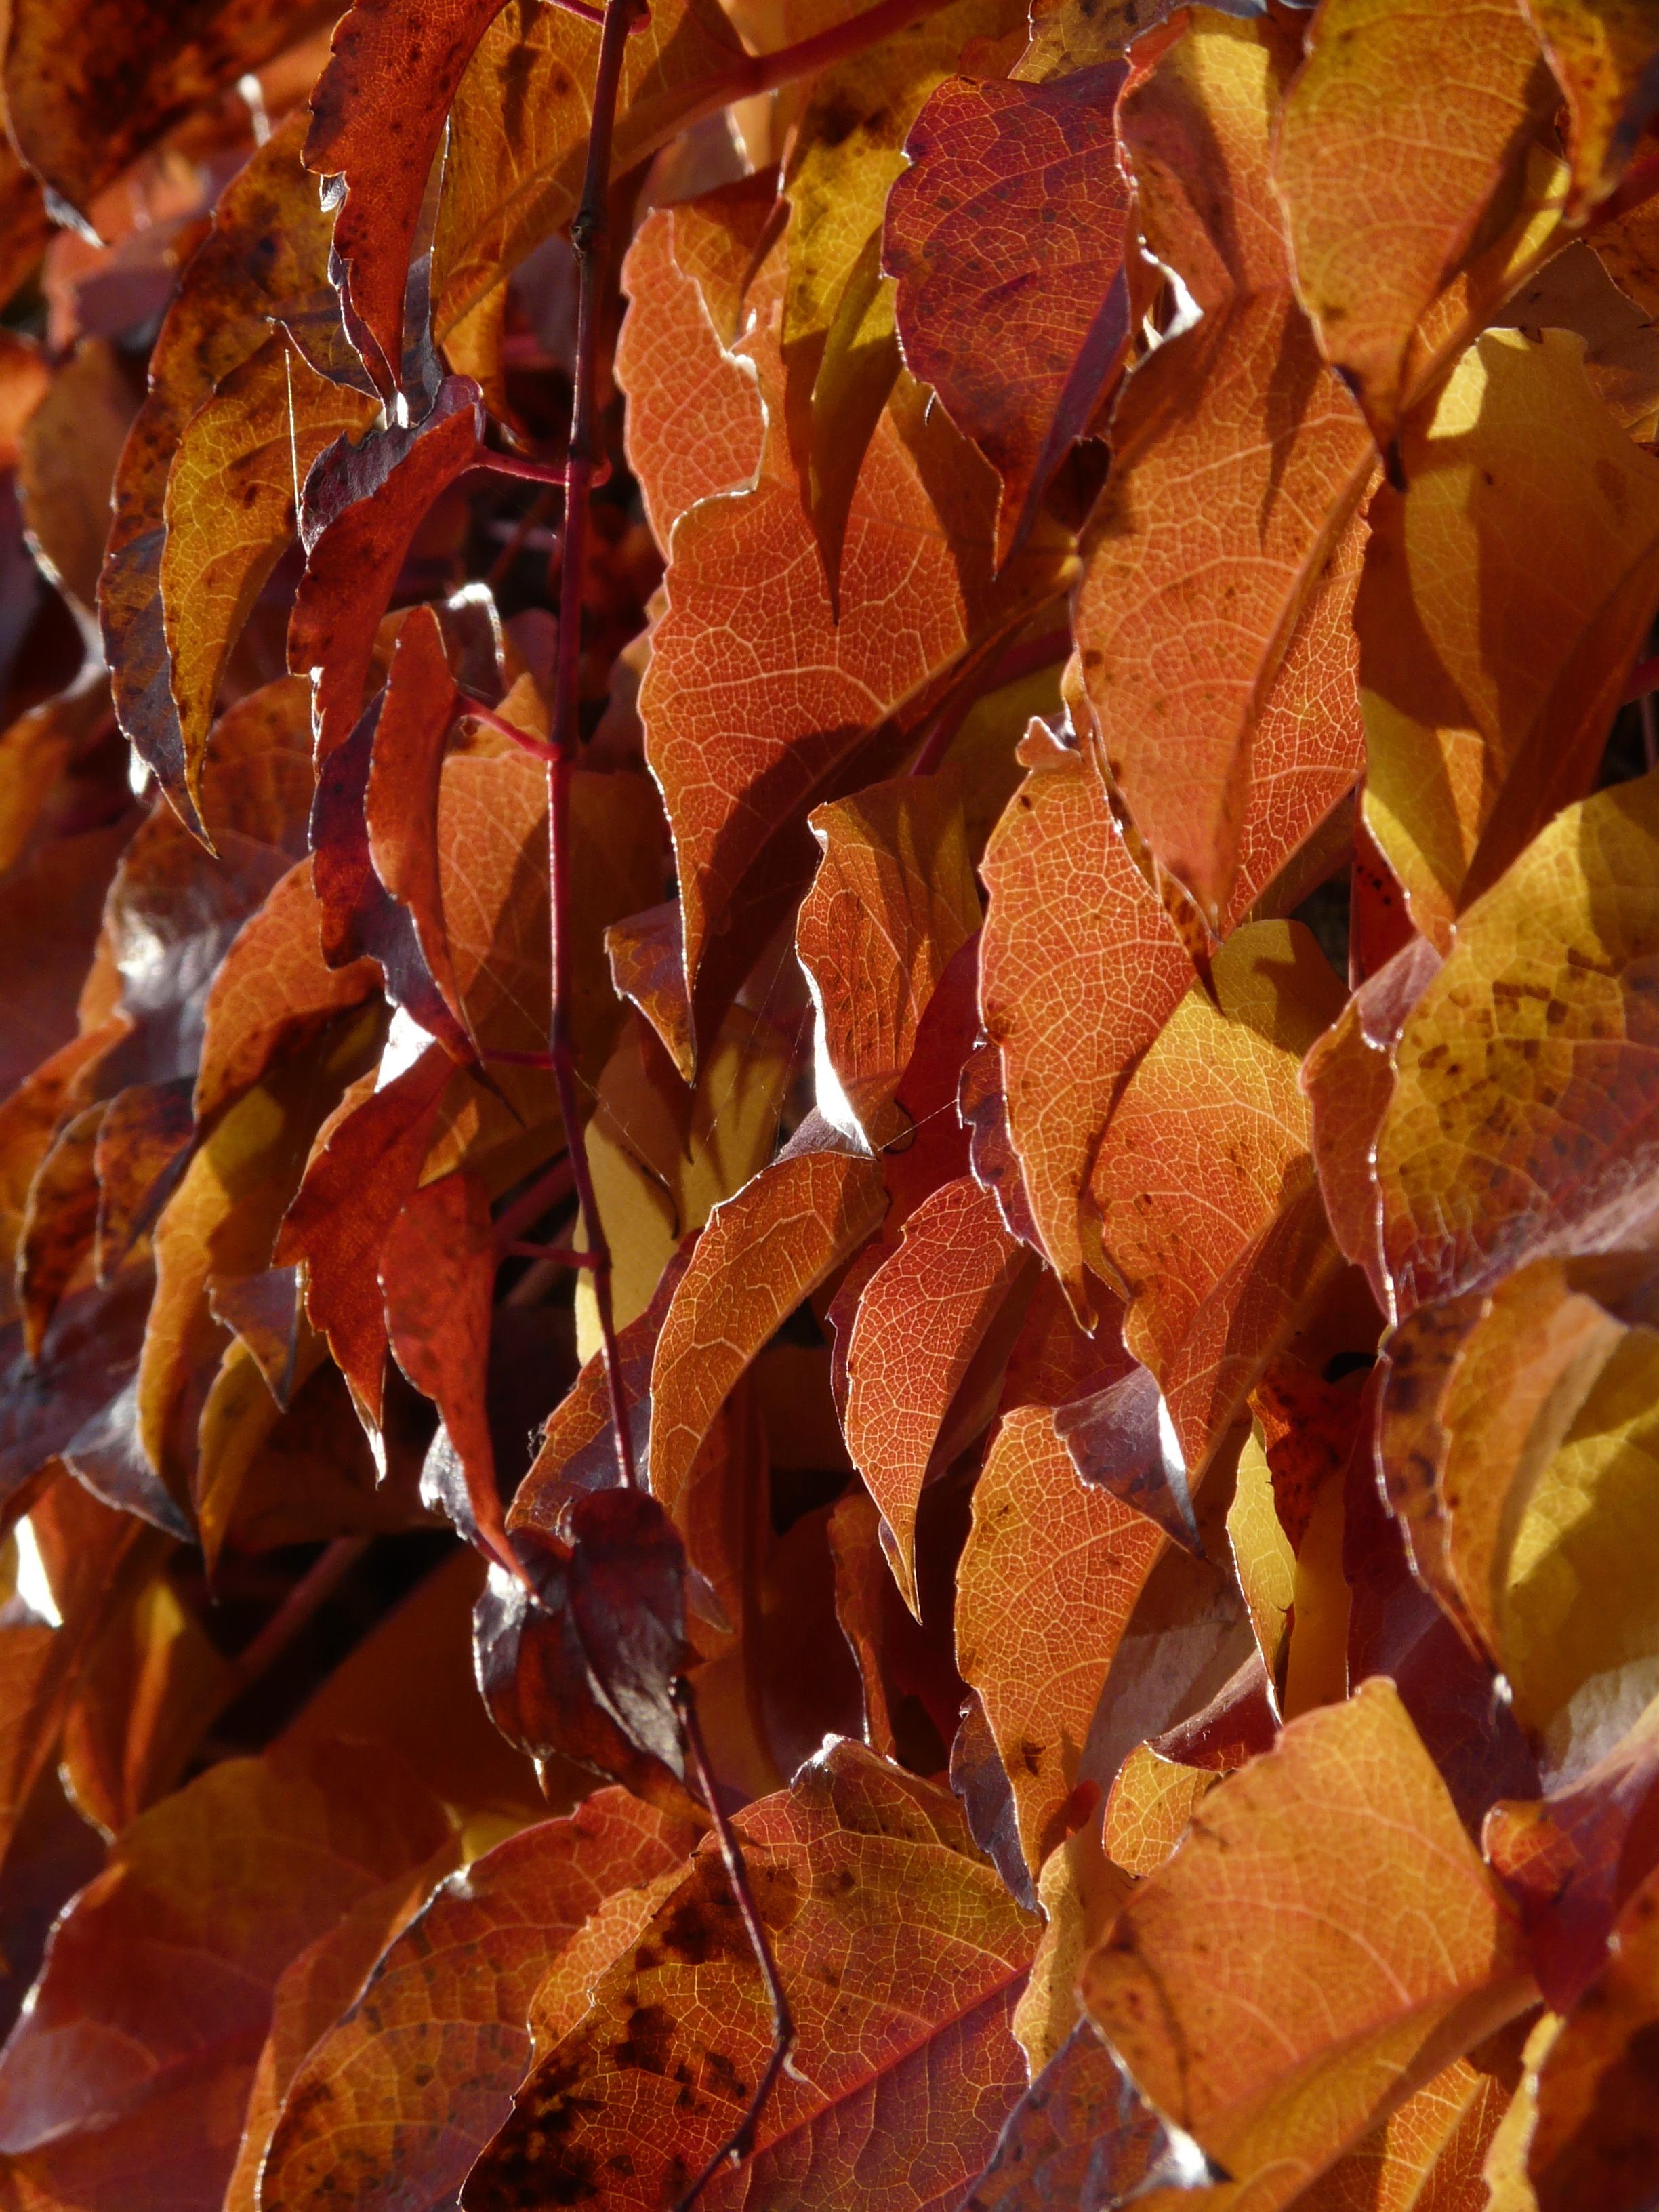 Fotoğraf Ağaç şube Yaprak çiçek Taçyaprağı Kırmızı Sonbahar